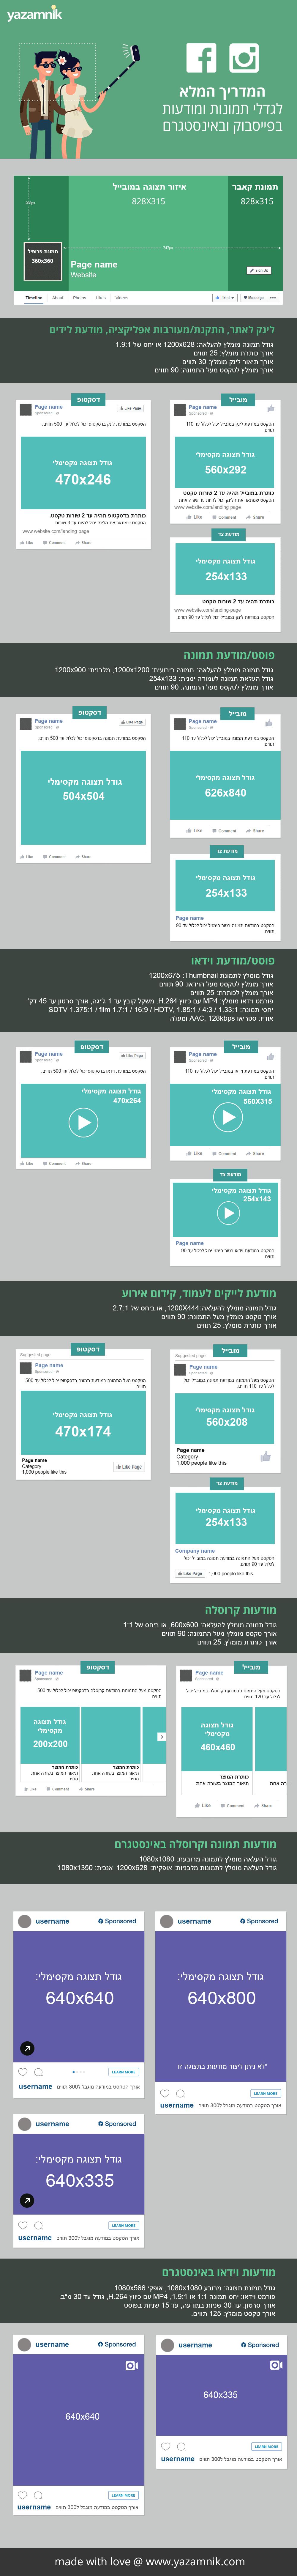 גודל תמונות בפייסבוק ואינסטגרם